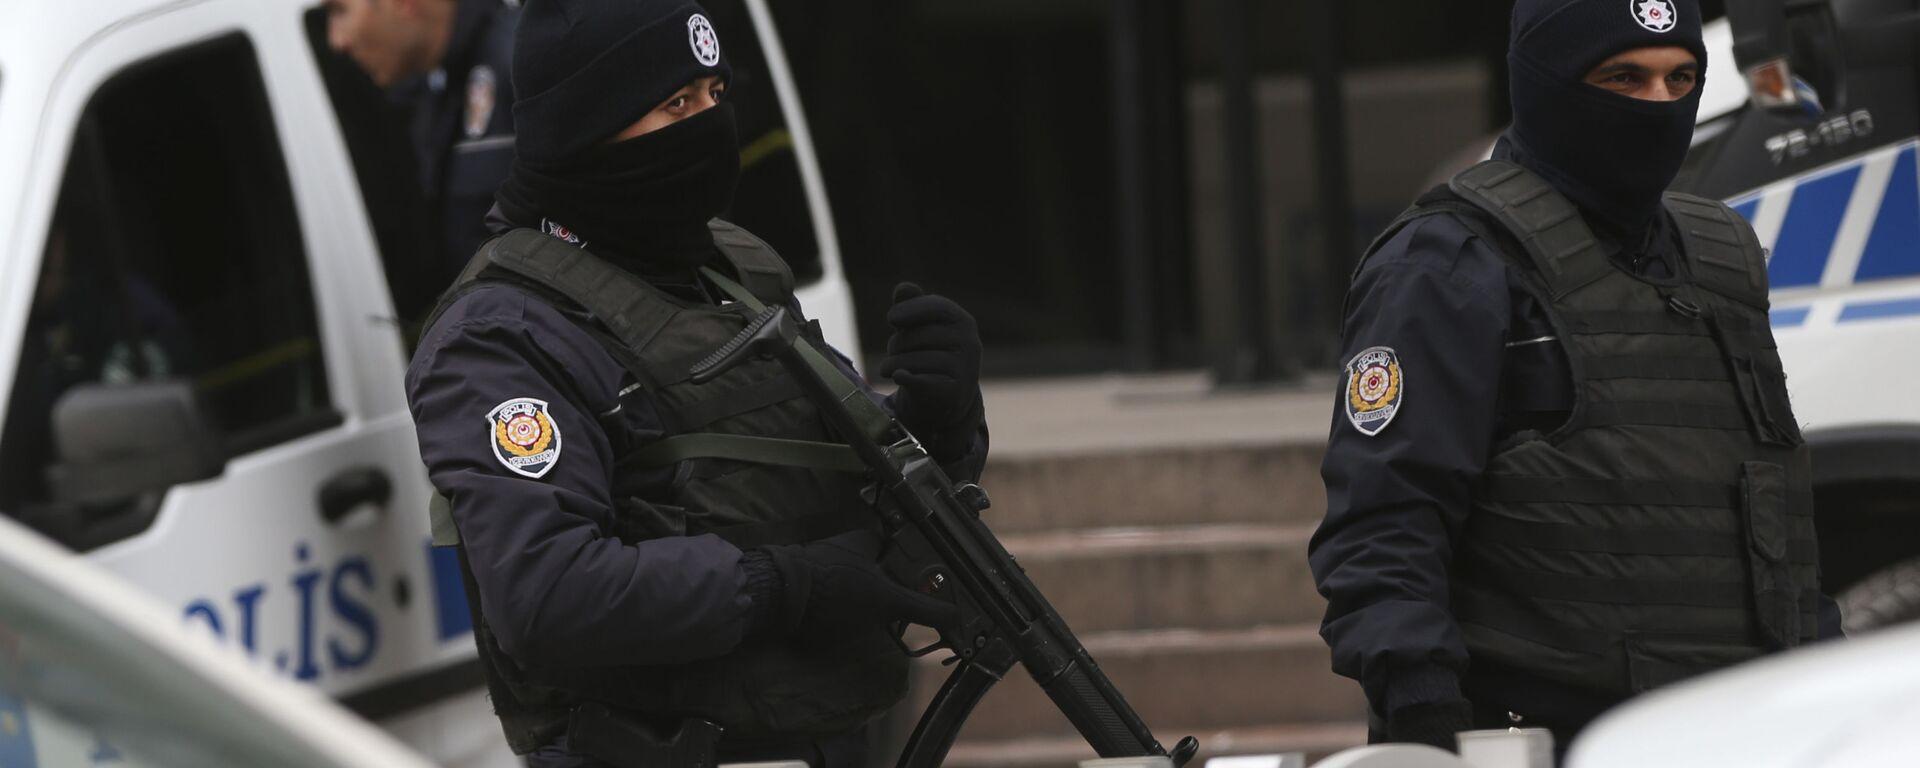 La polizia turca - Sputnik Italia, 1920, 02.05.2021